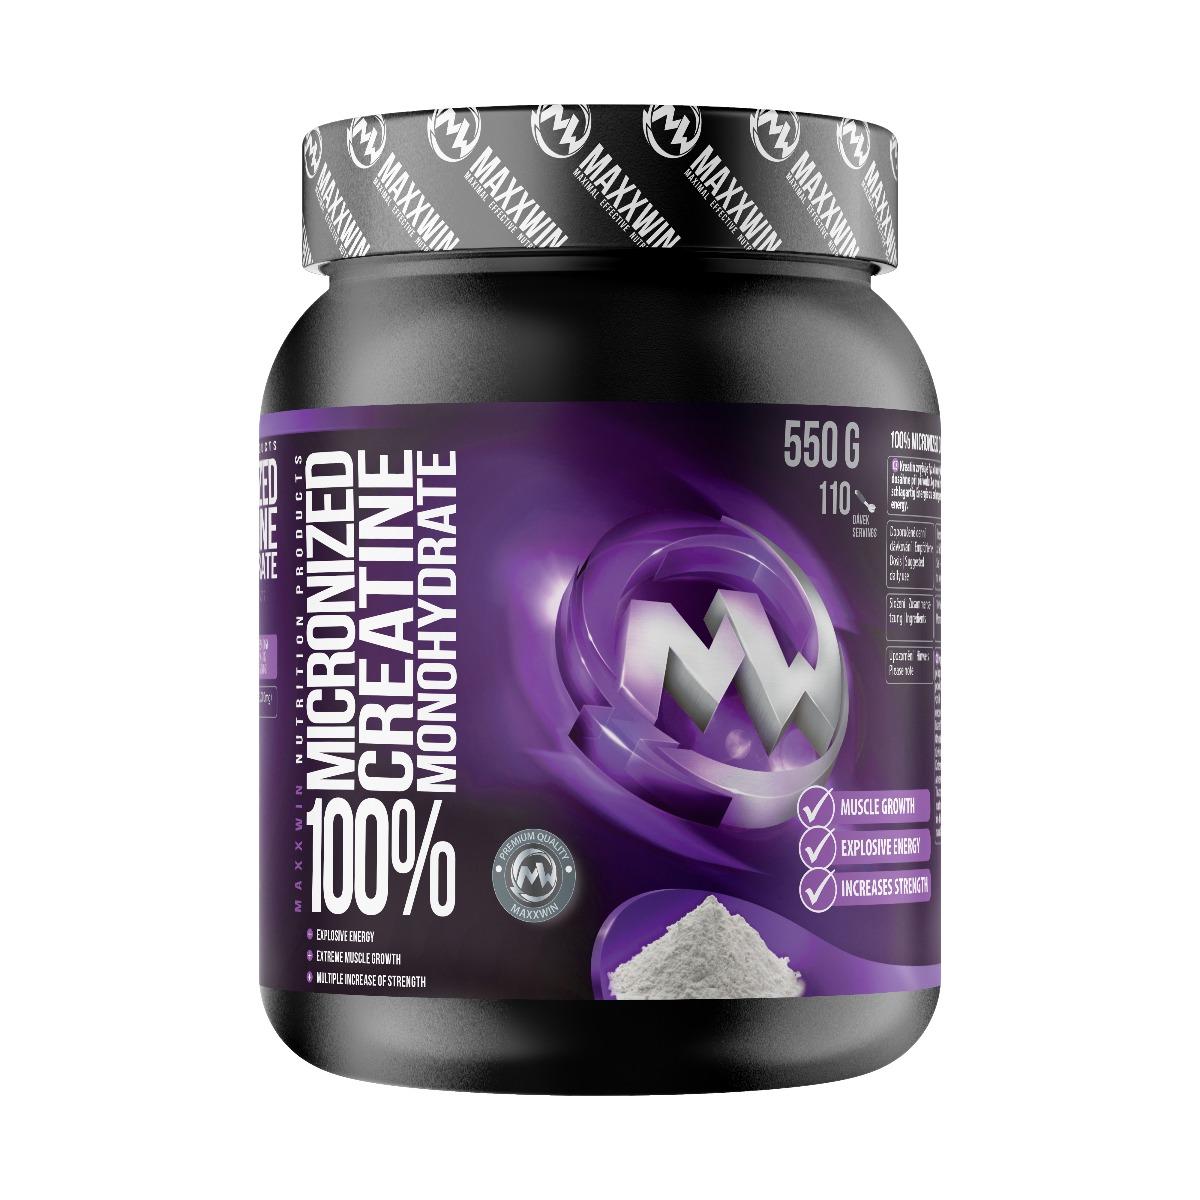 MAXXWIN 100% CREATINE MONOHYDRATE 550 g